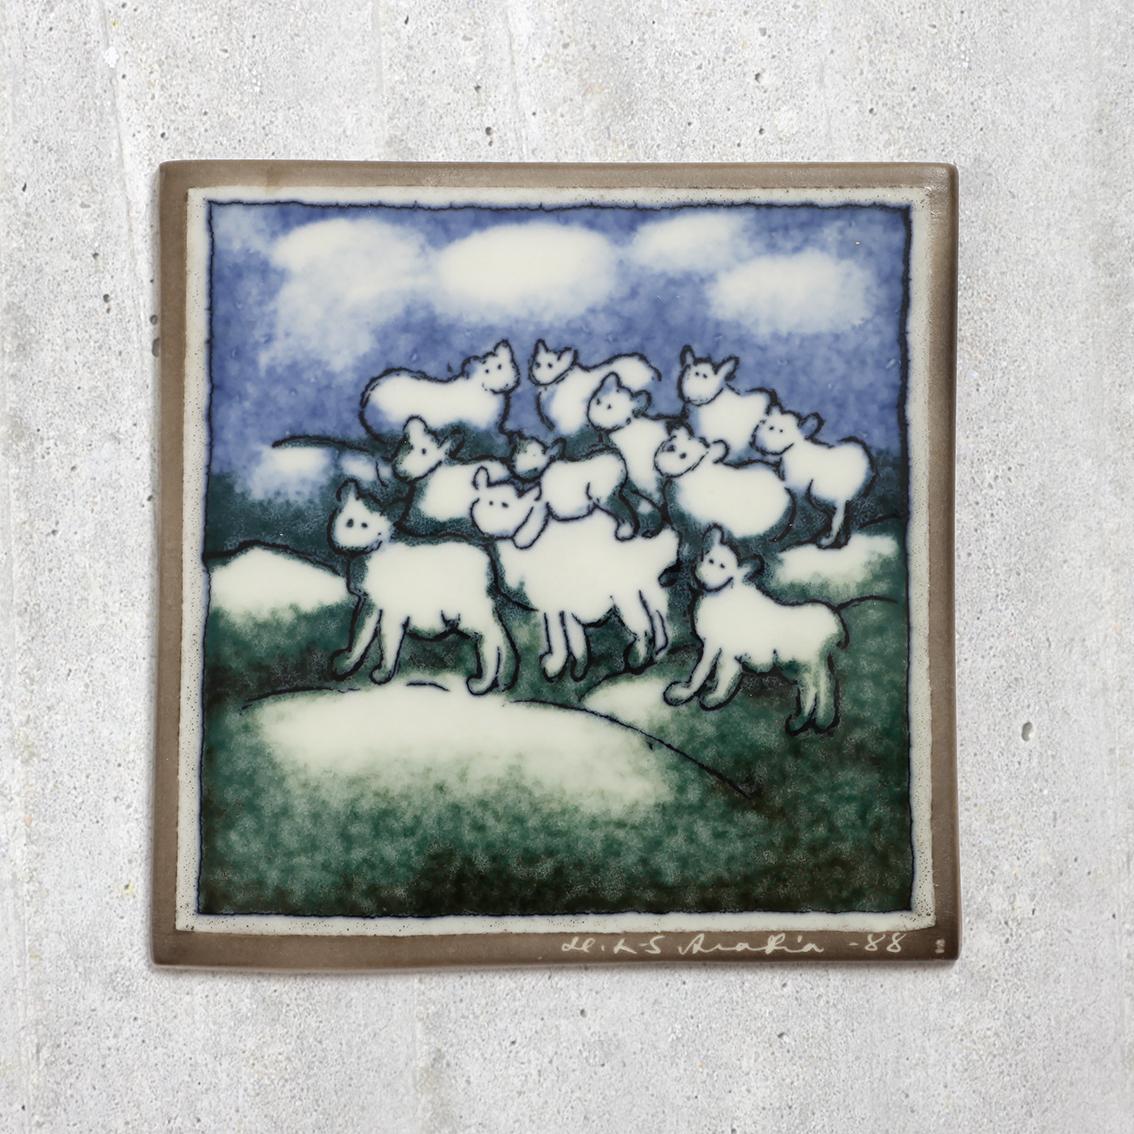 ARABIA アラビア Helja Liukko-Sundstrom ヘルヤ リウッコ スンドストロム 羊たちの陶板 - 4 北欧ヴィンテージ